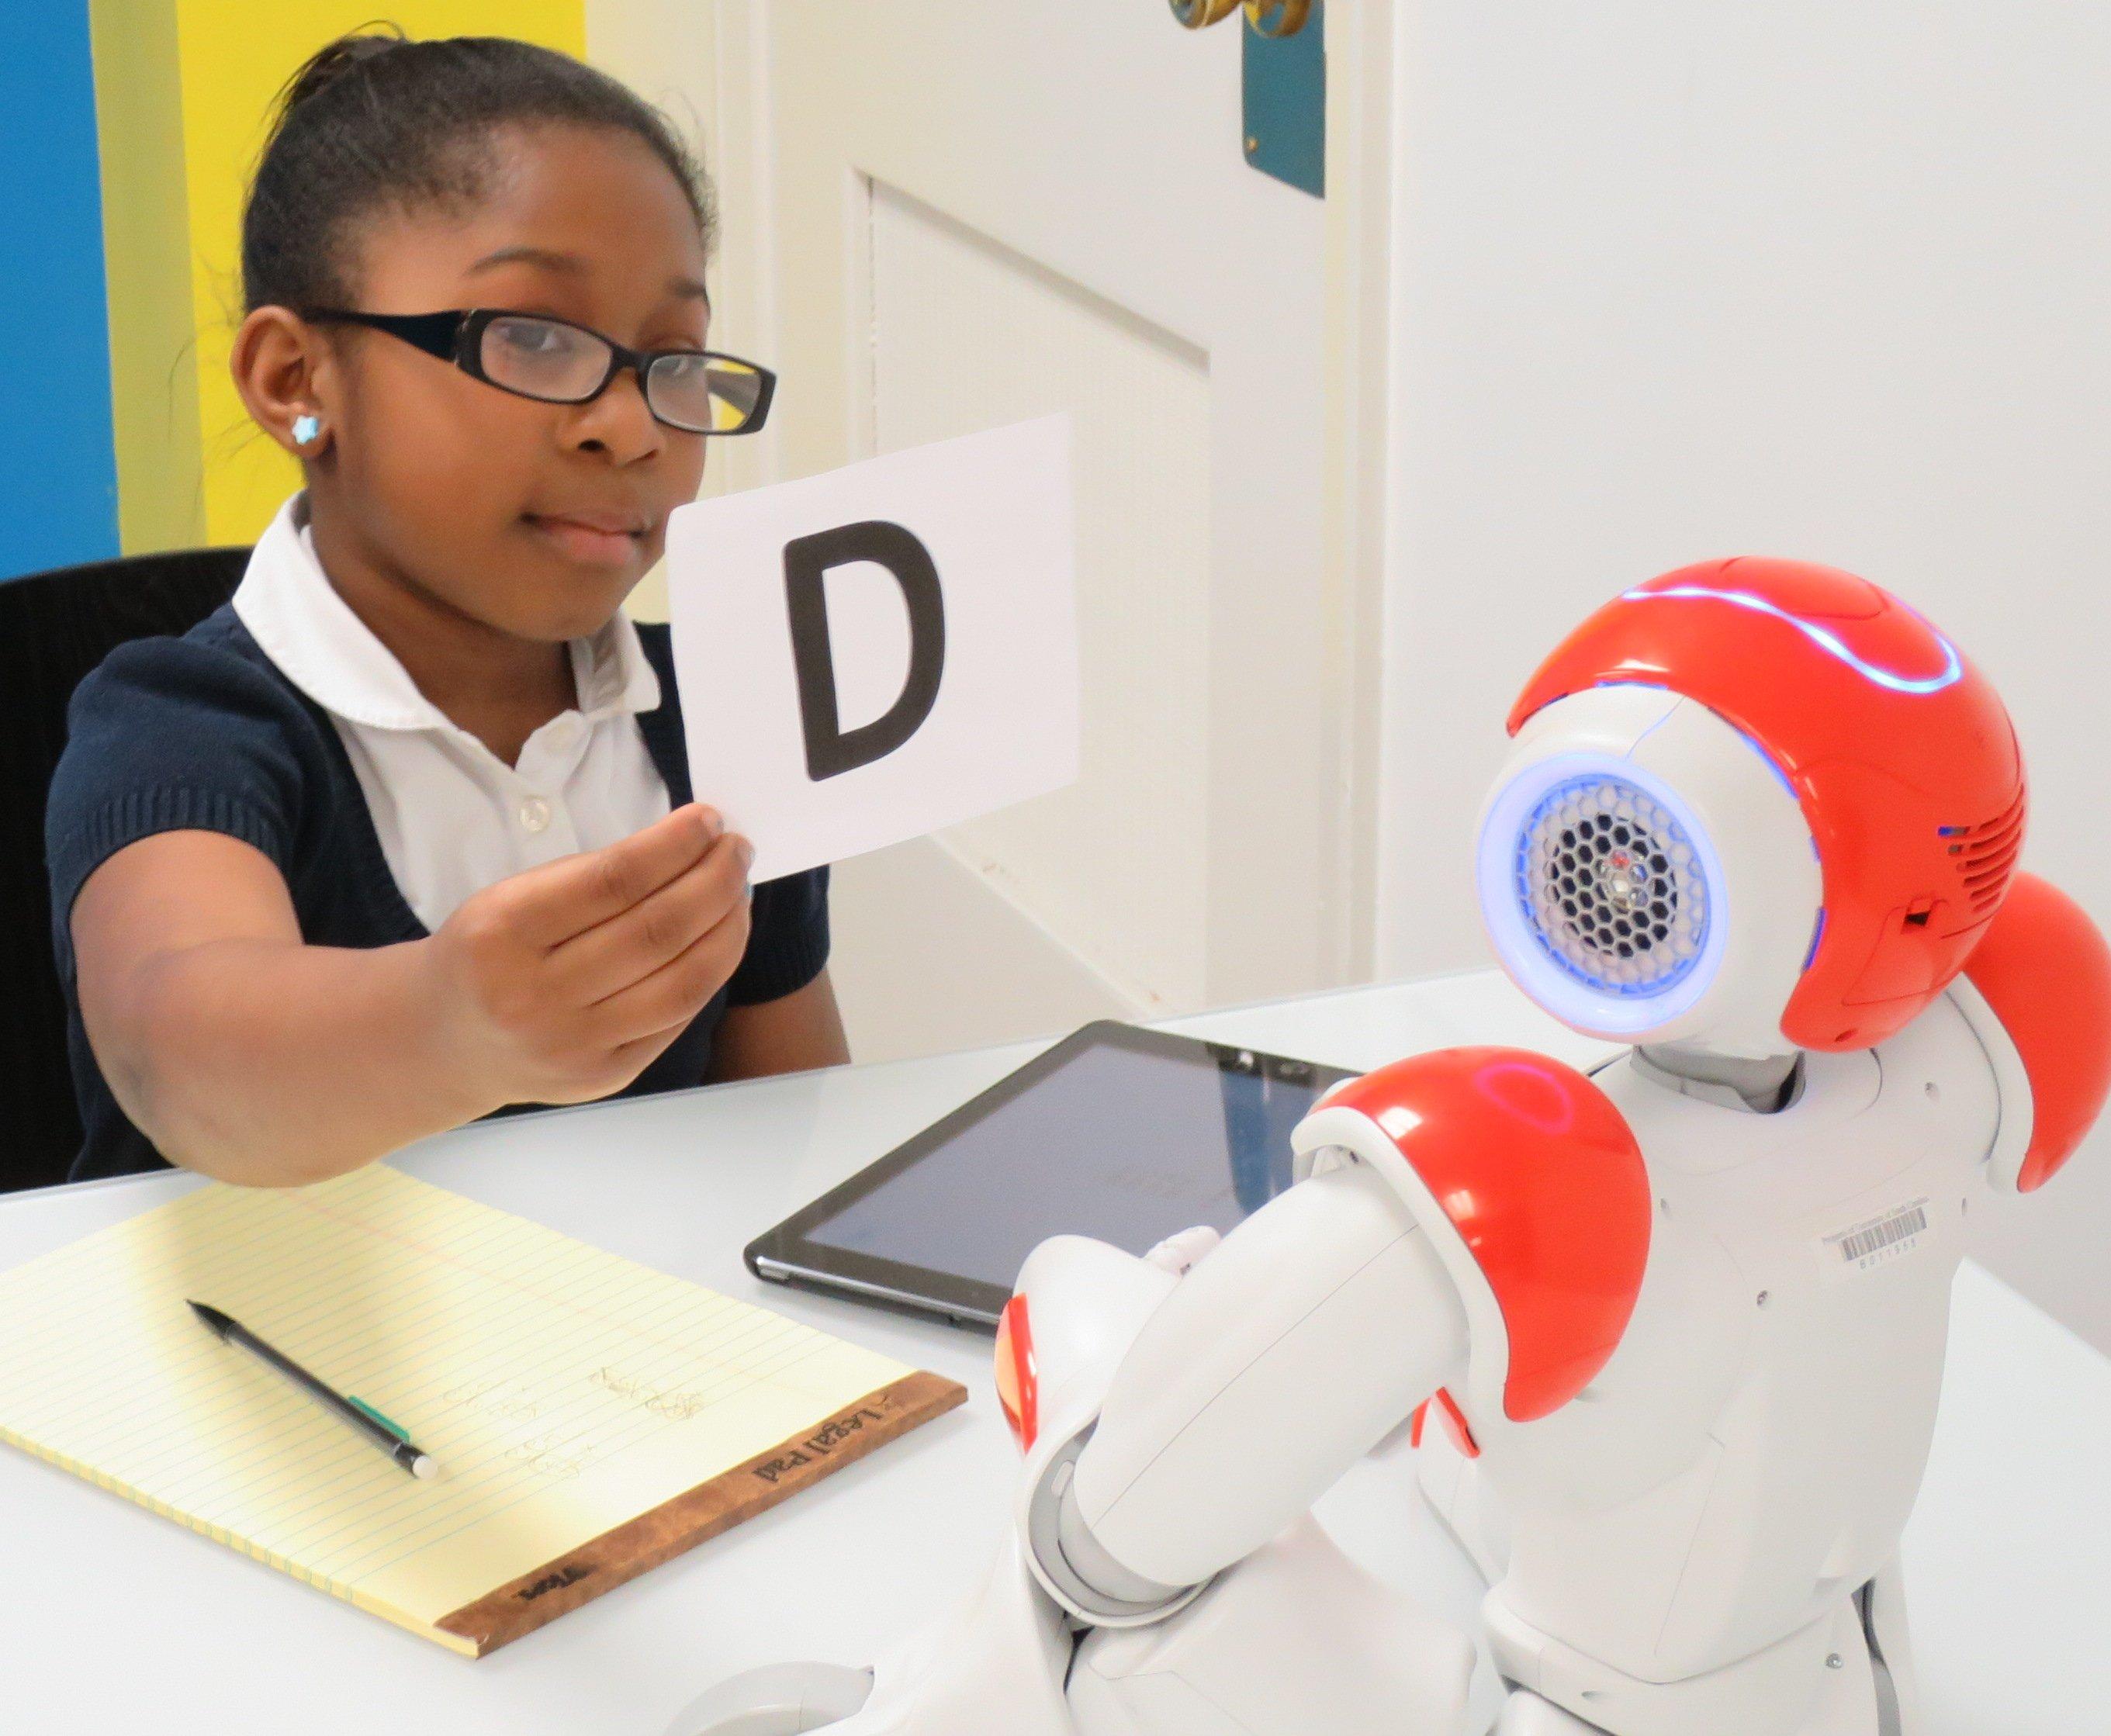 6. Teach trough robots